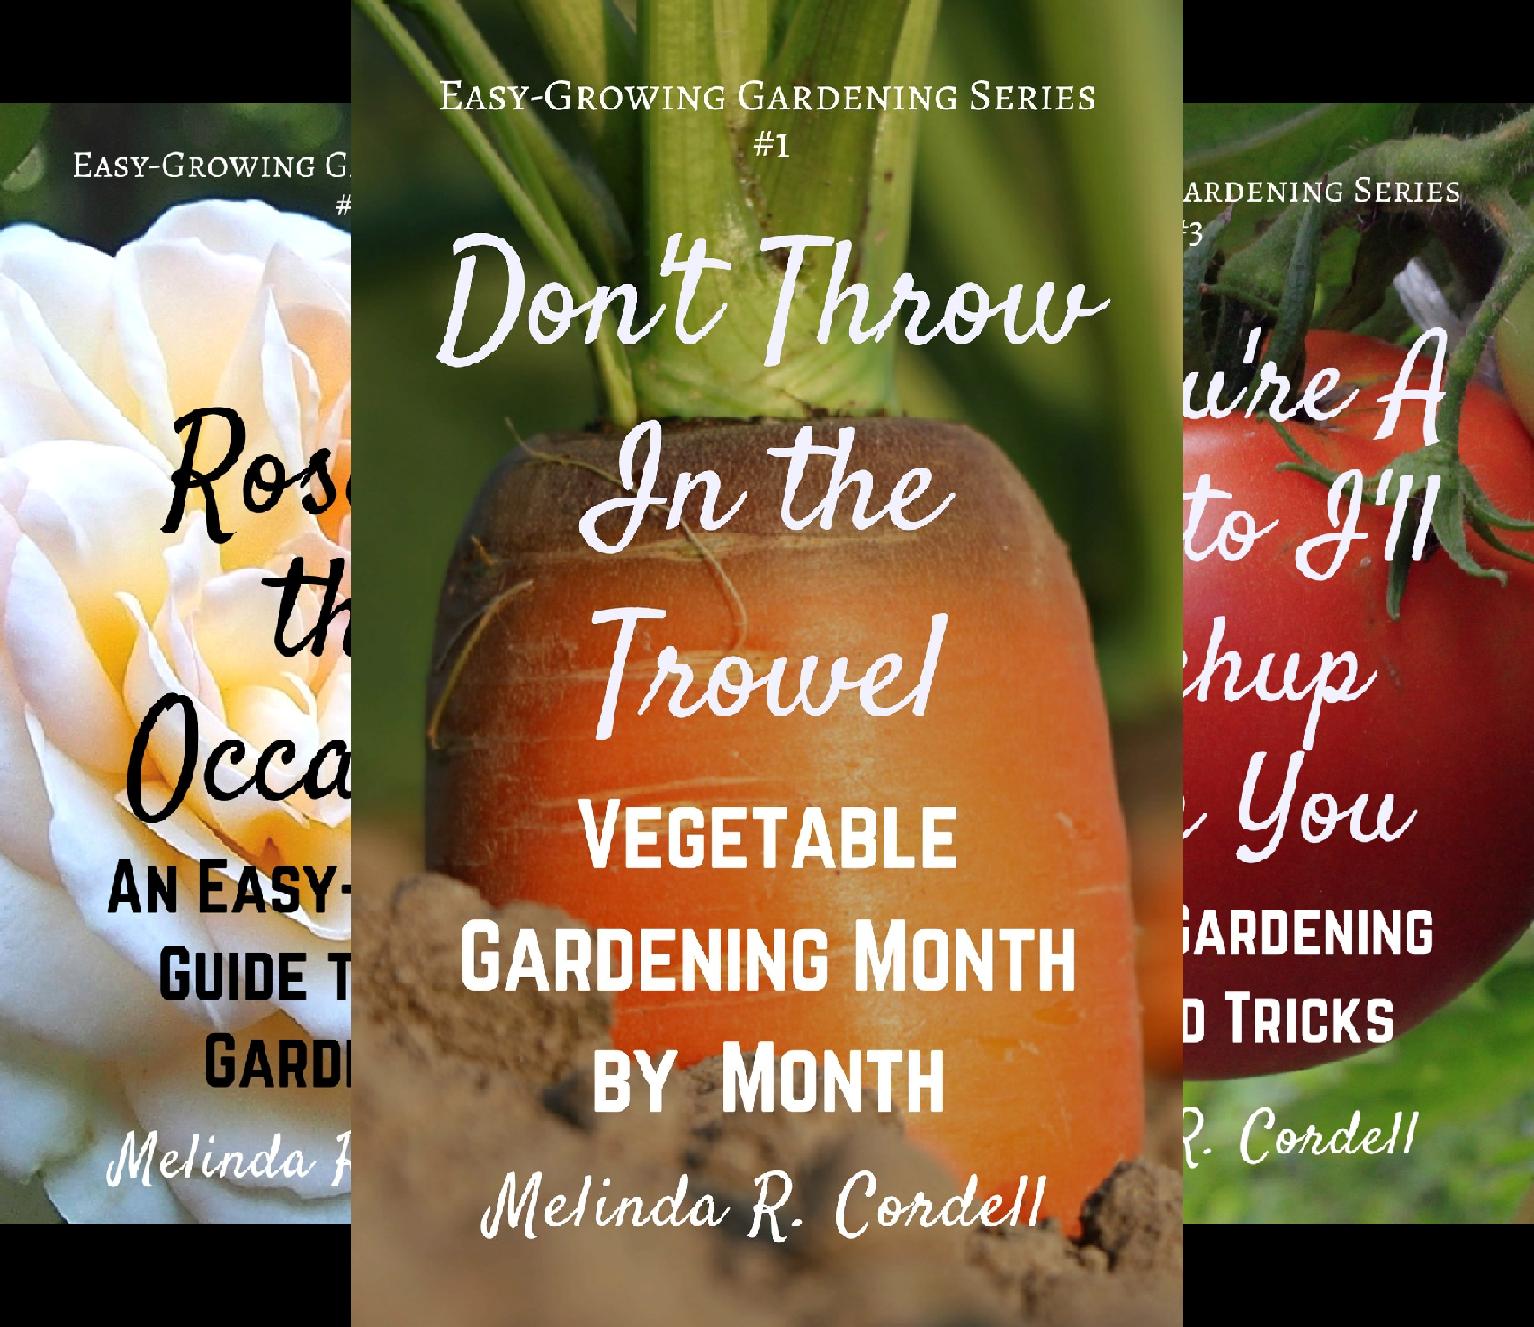 Easy-Growing Gardening Series (11 Book Series)